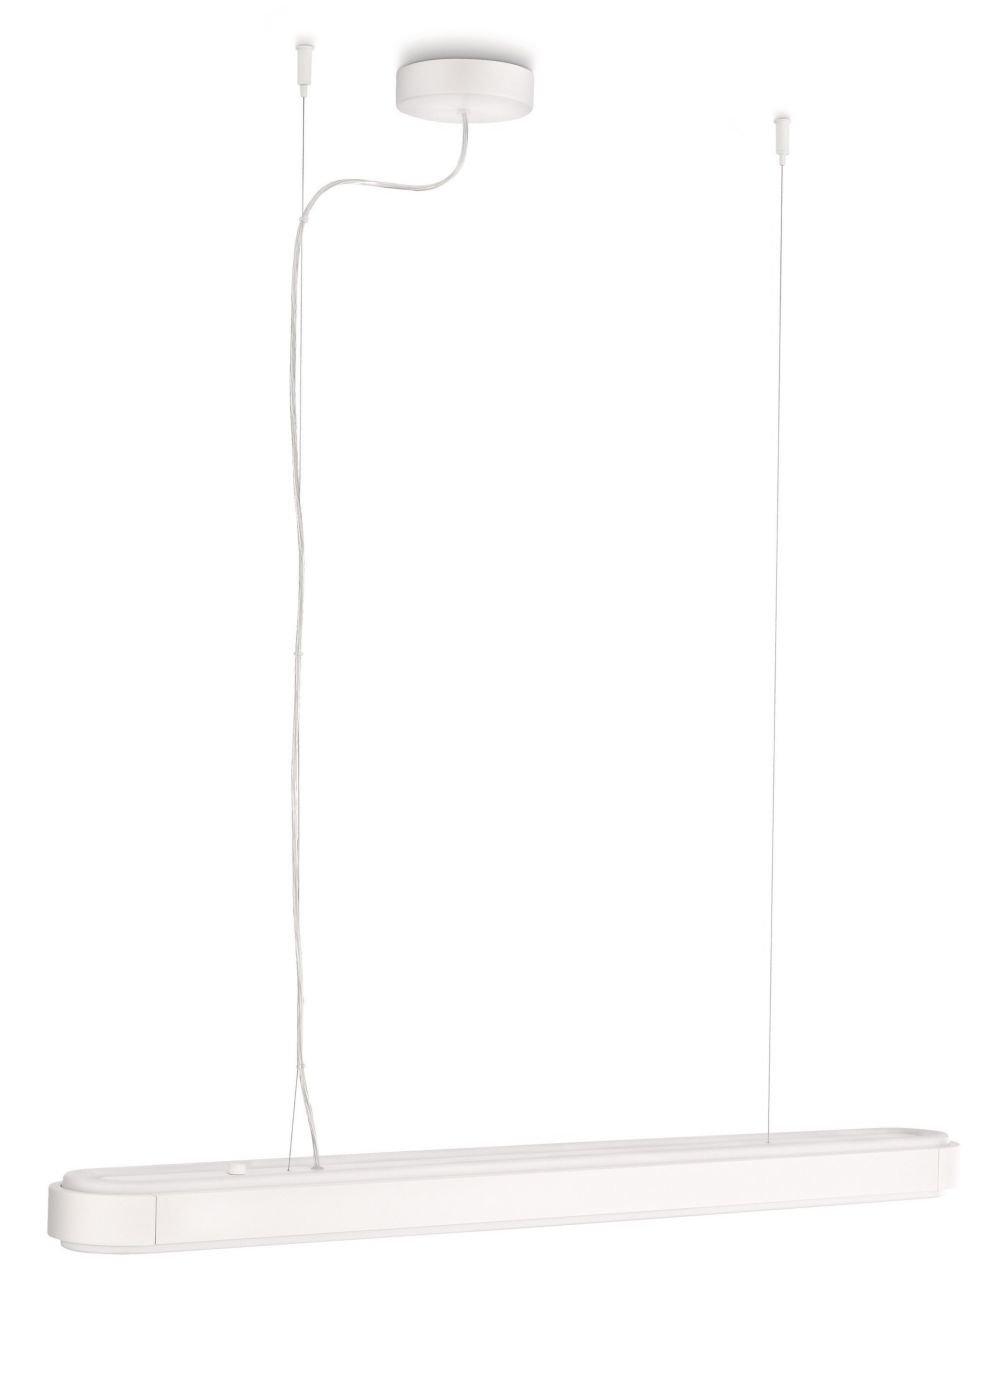 PHILIPS Ecomoods Energiespar- Pendelleuchte  mit 12W, inklusive Leuchtmittel, 2-flammig 407143116